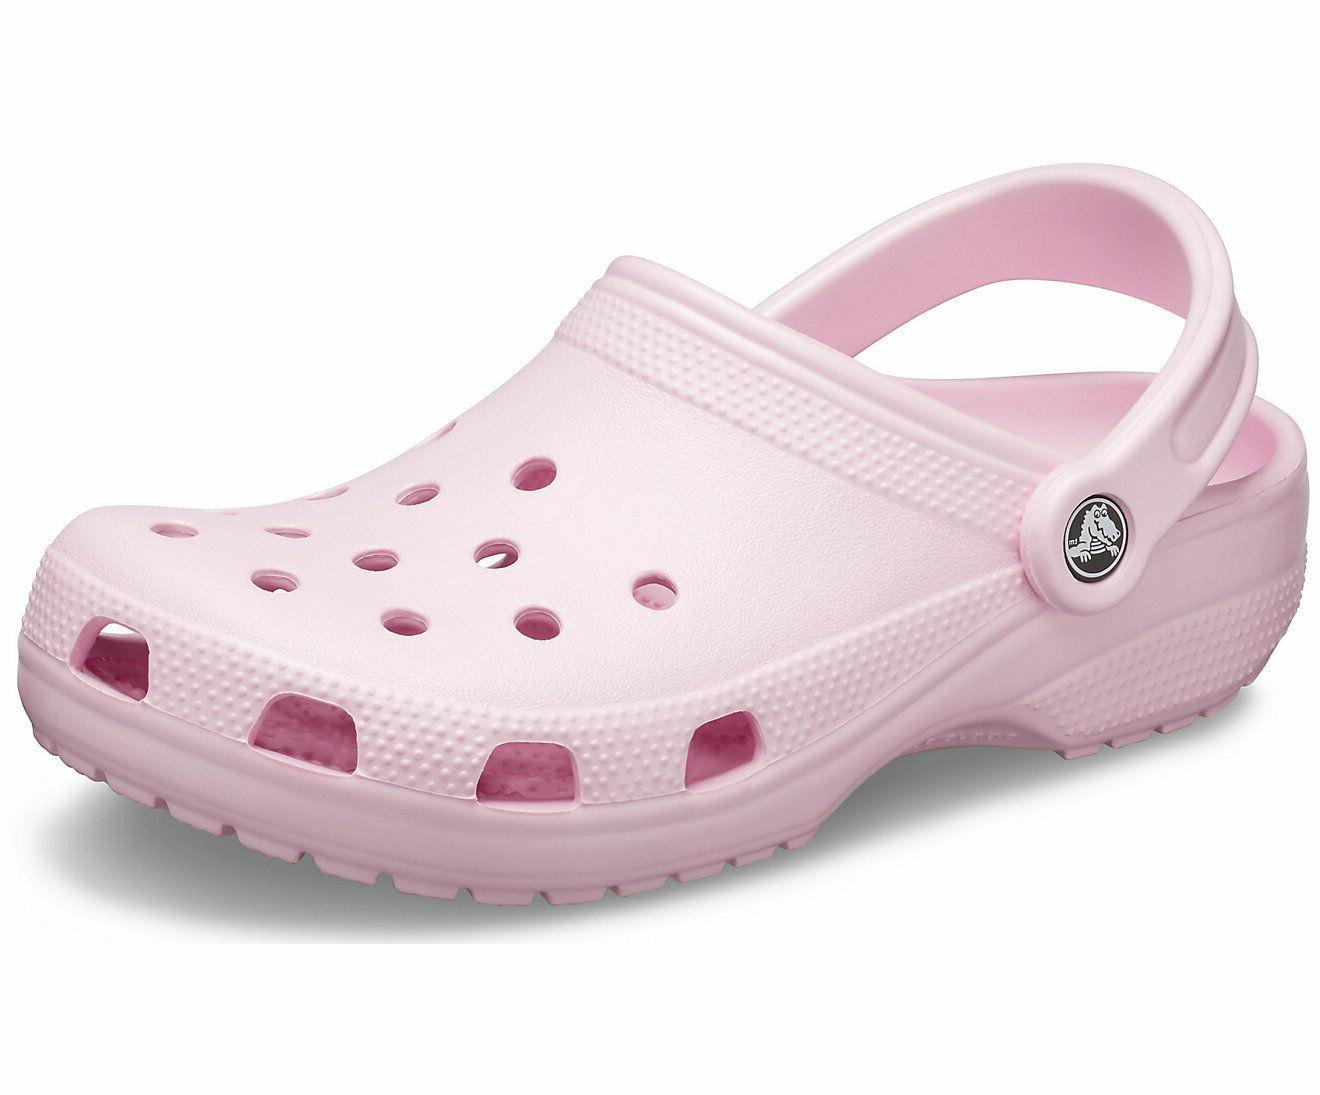 Crocs Classic Clog Proof Shoe